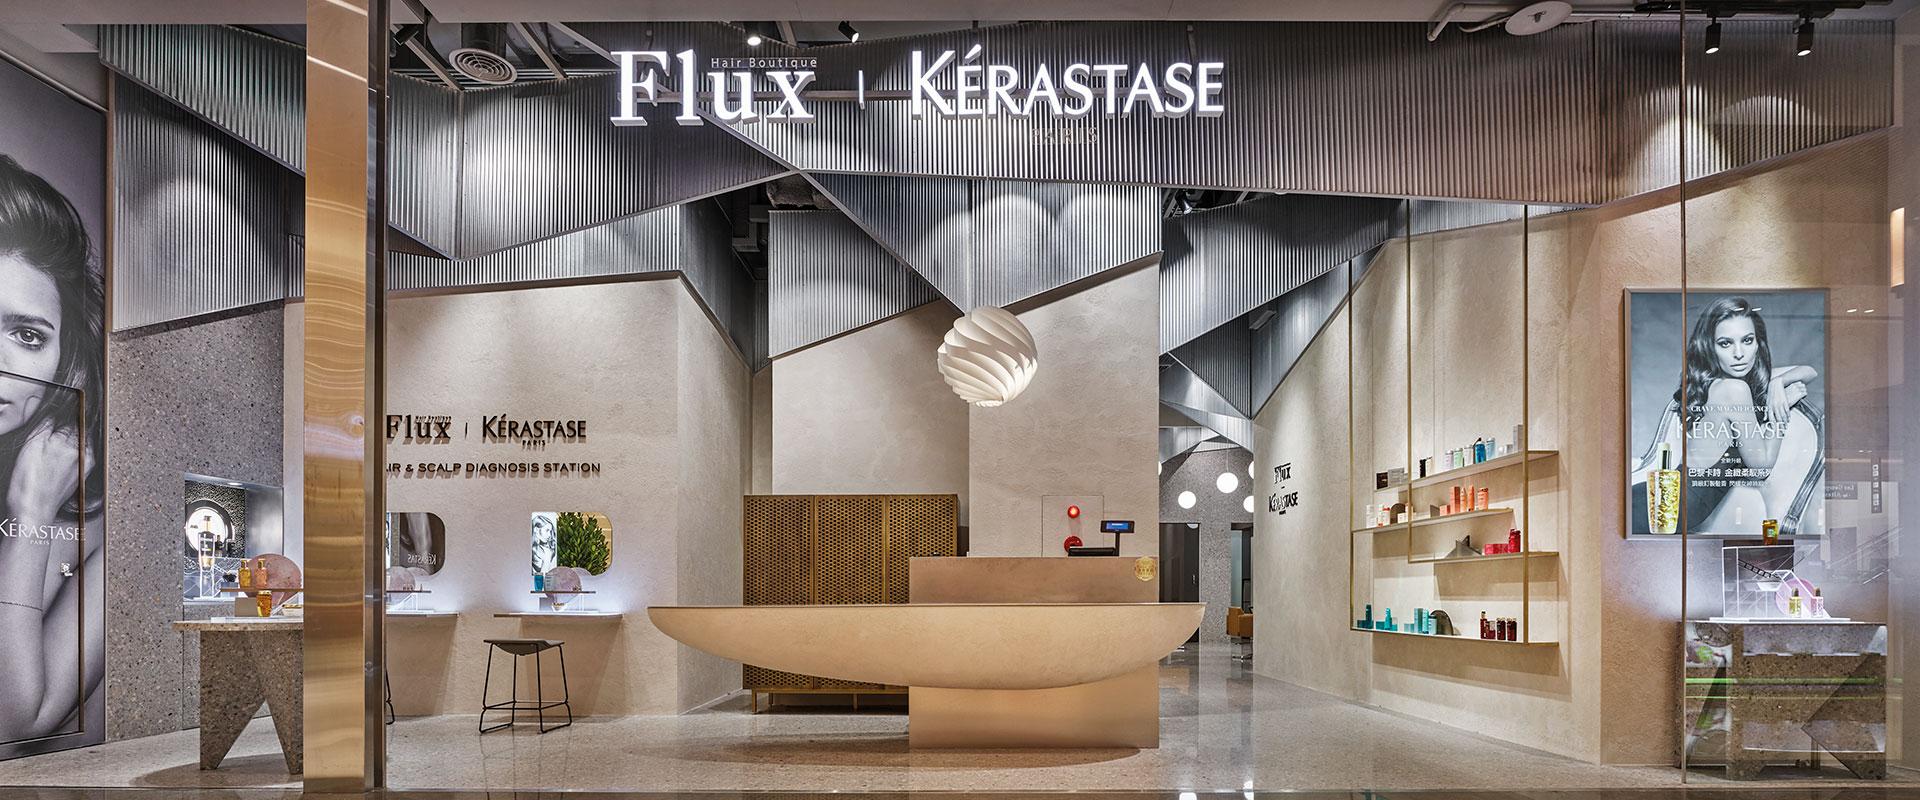 kerastrase-flux-salon---taipei-taiwan---SB-124---retail-02---OK